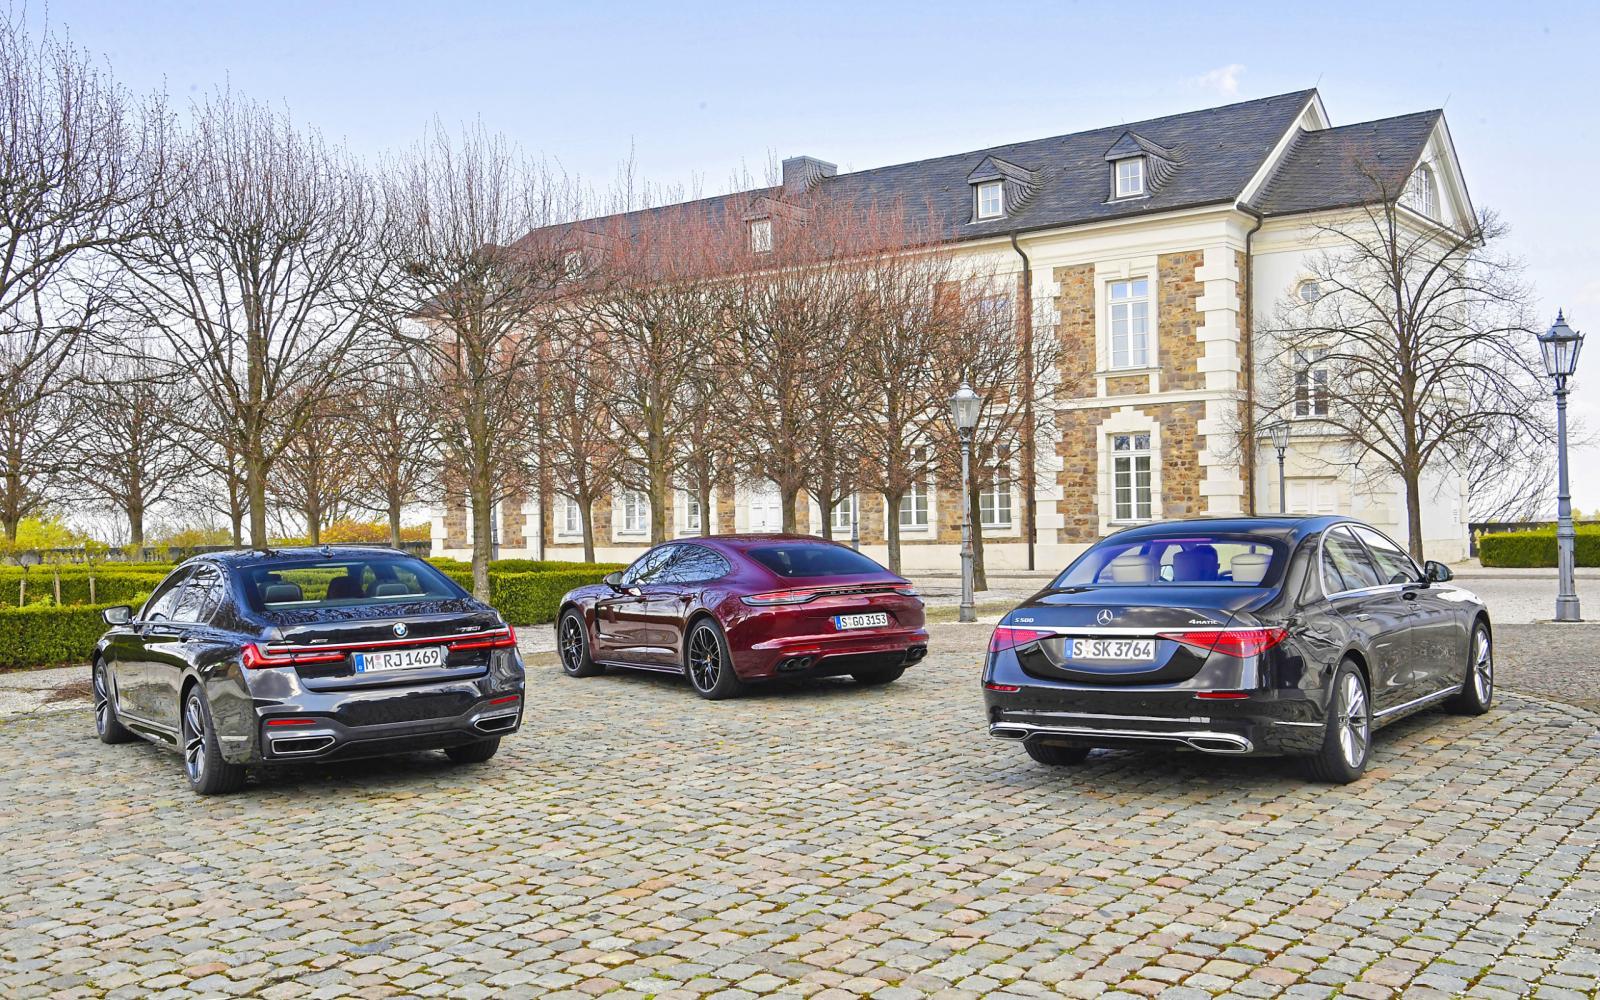 Teste: 3 negativos do novo Mercedes S-class em comparação com o 7-series e o Panamera